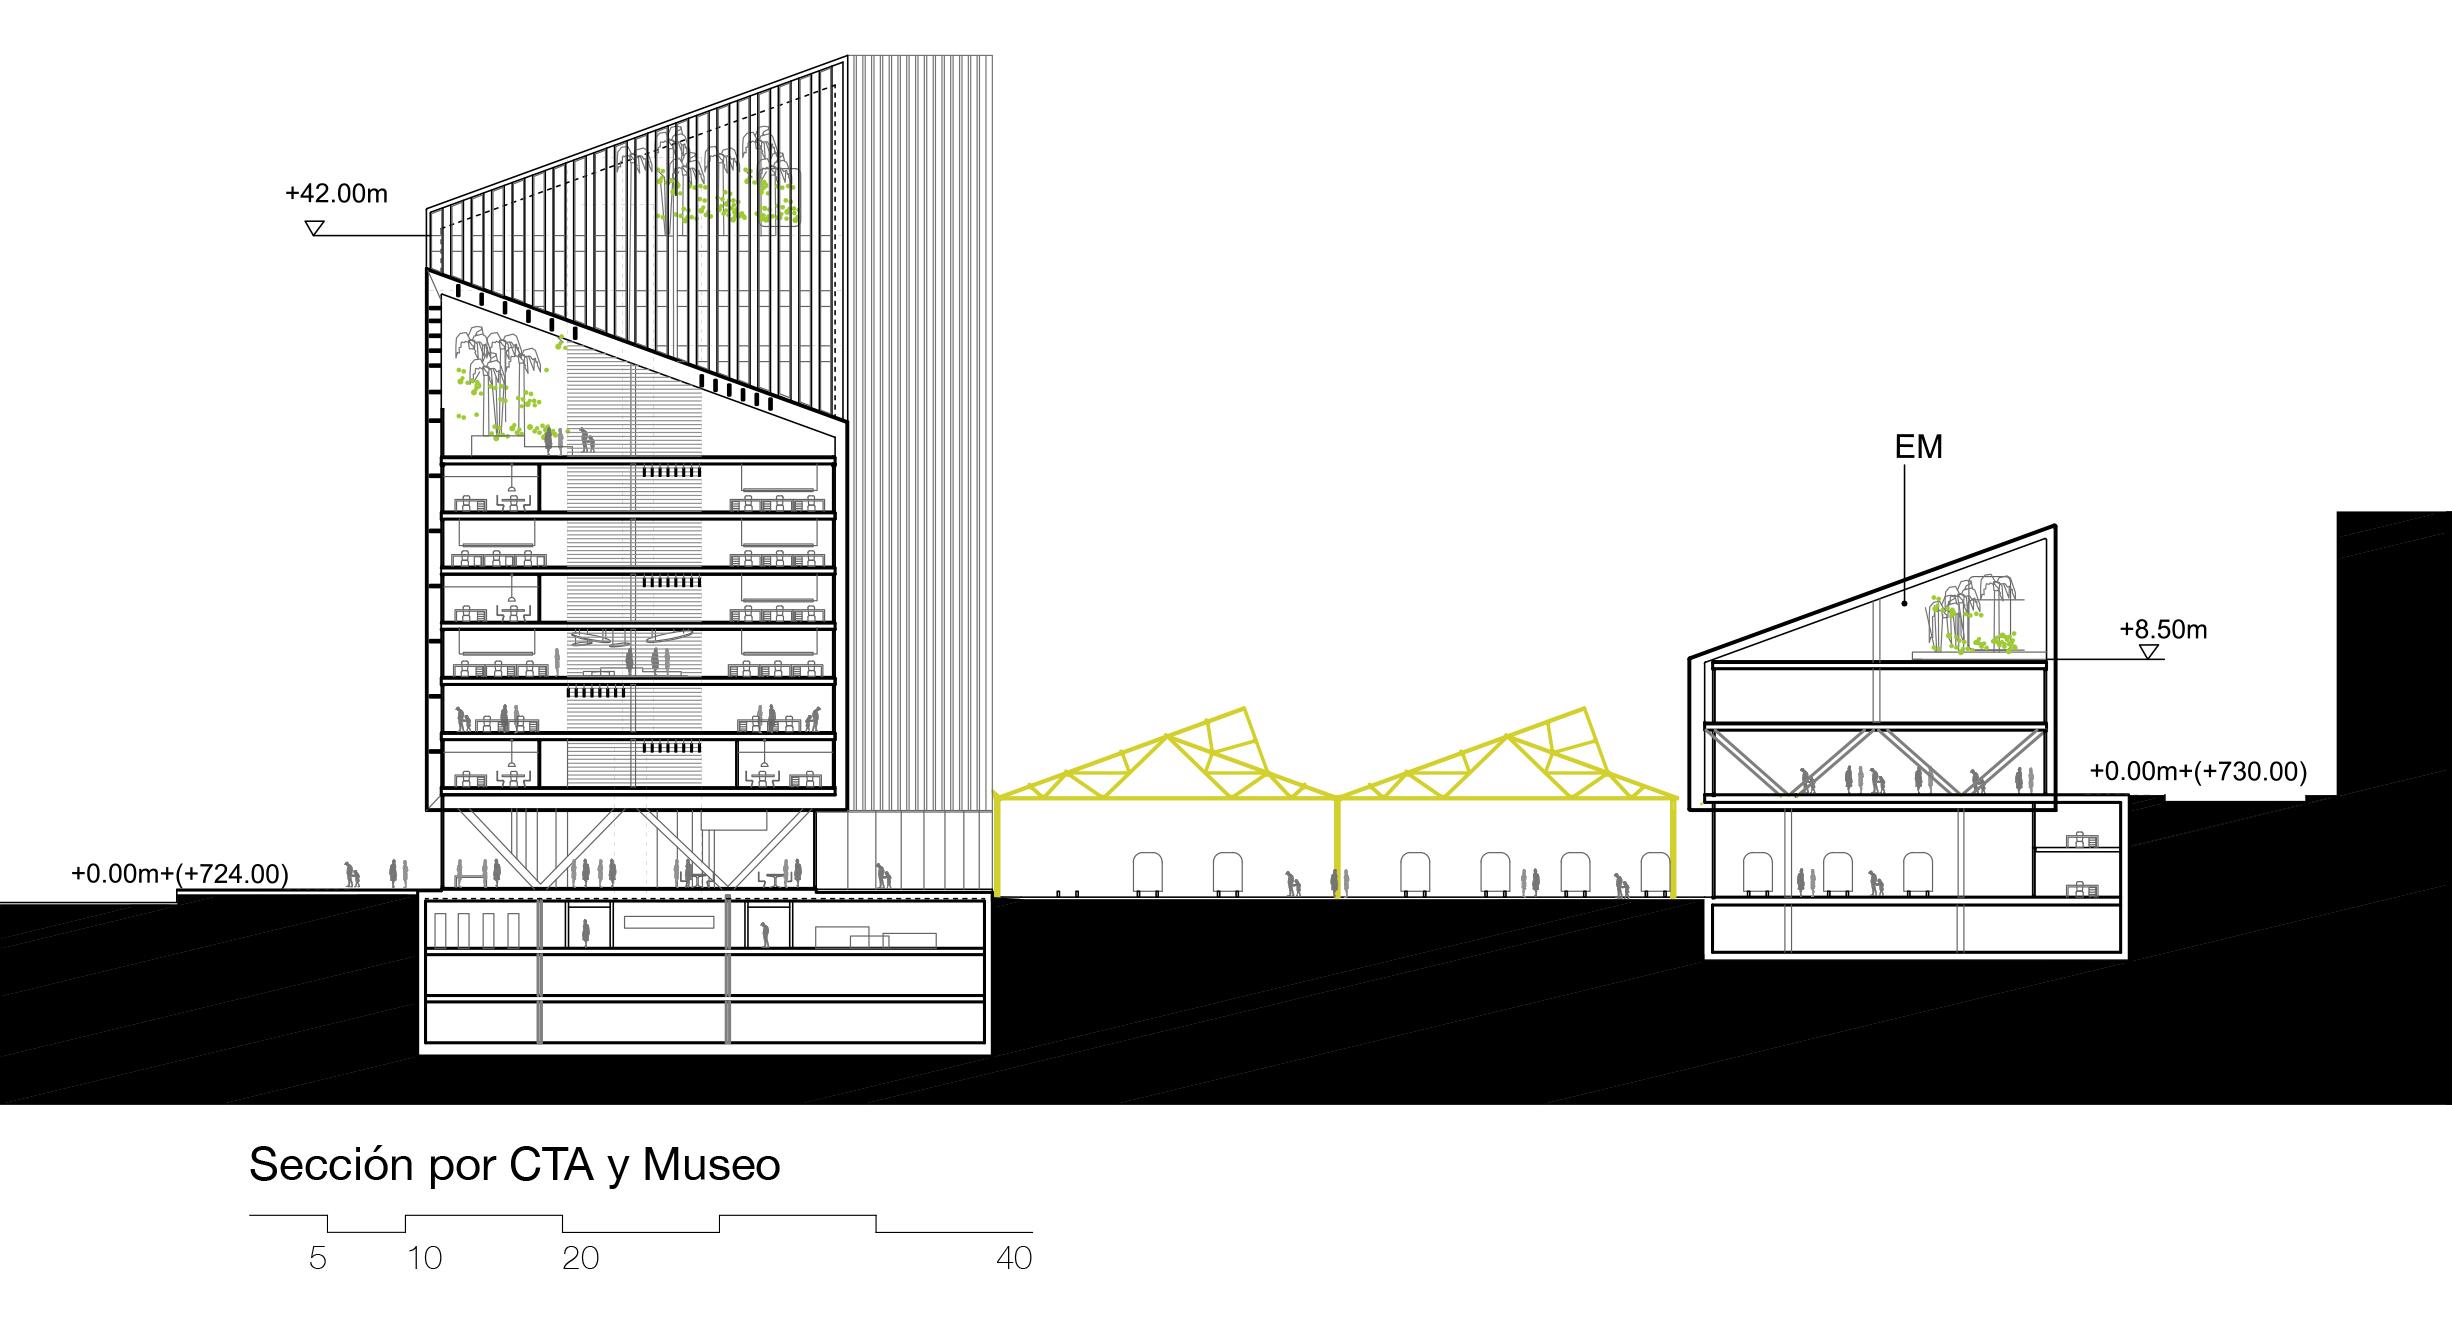 Sección transversal por CTA y Museo